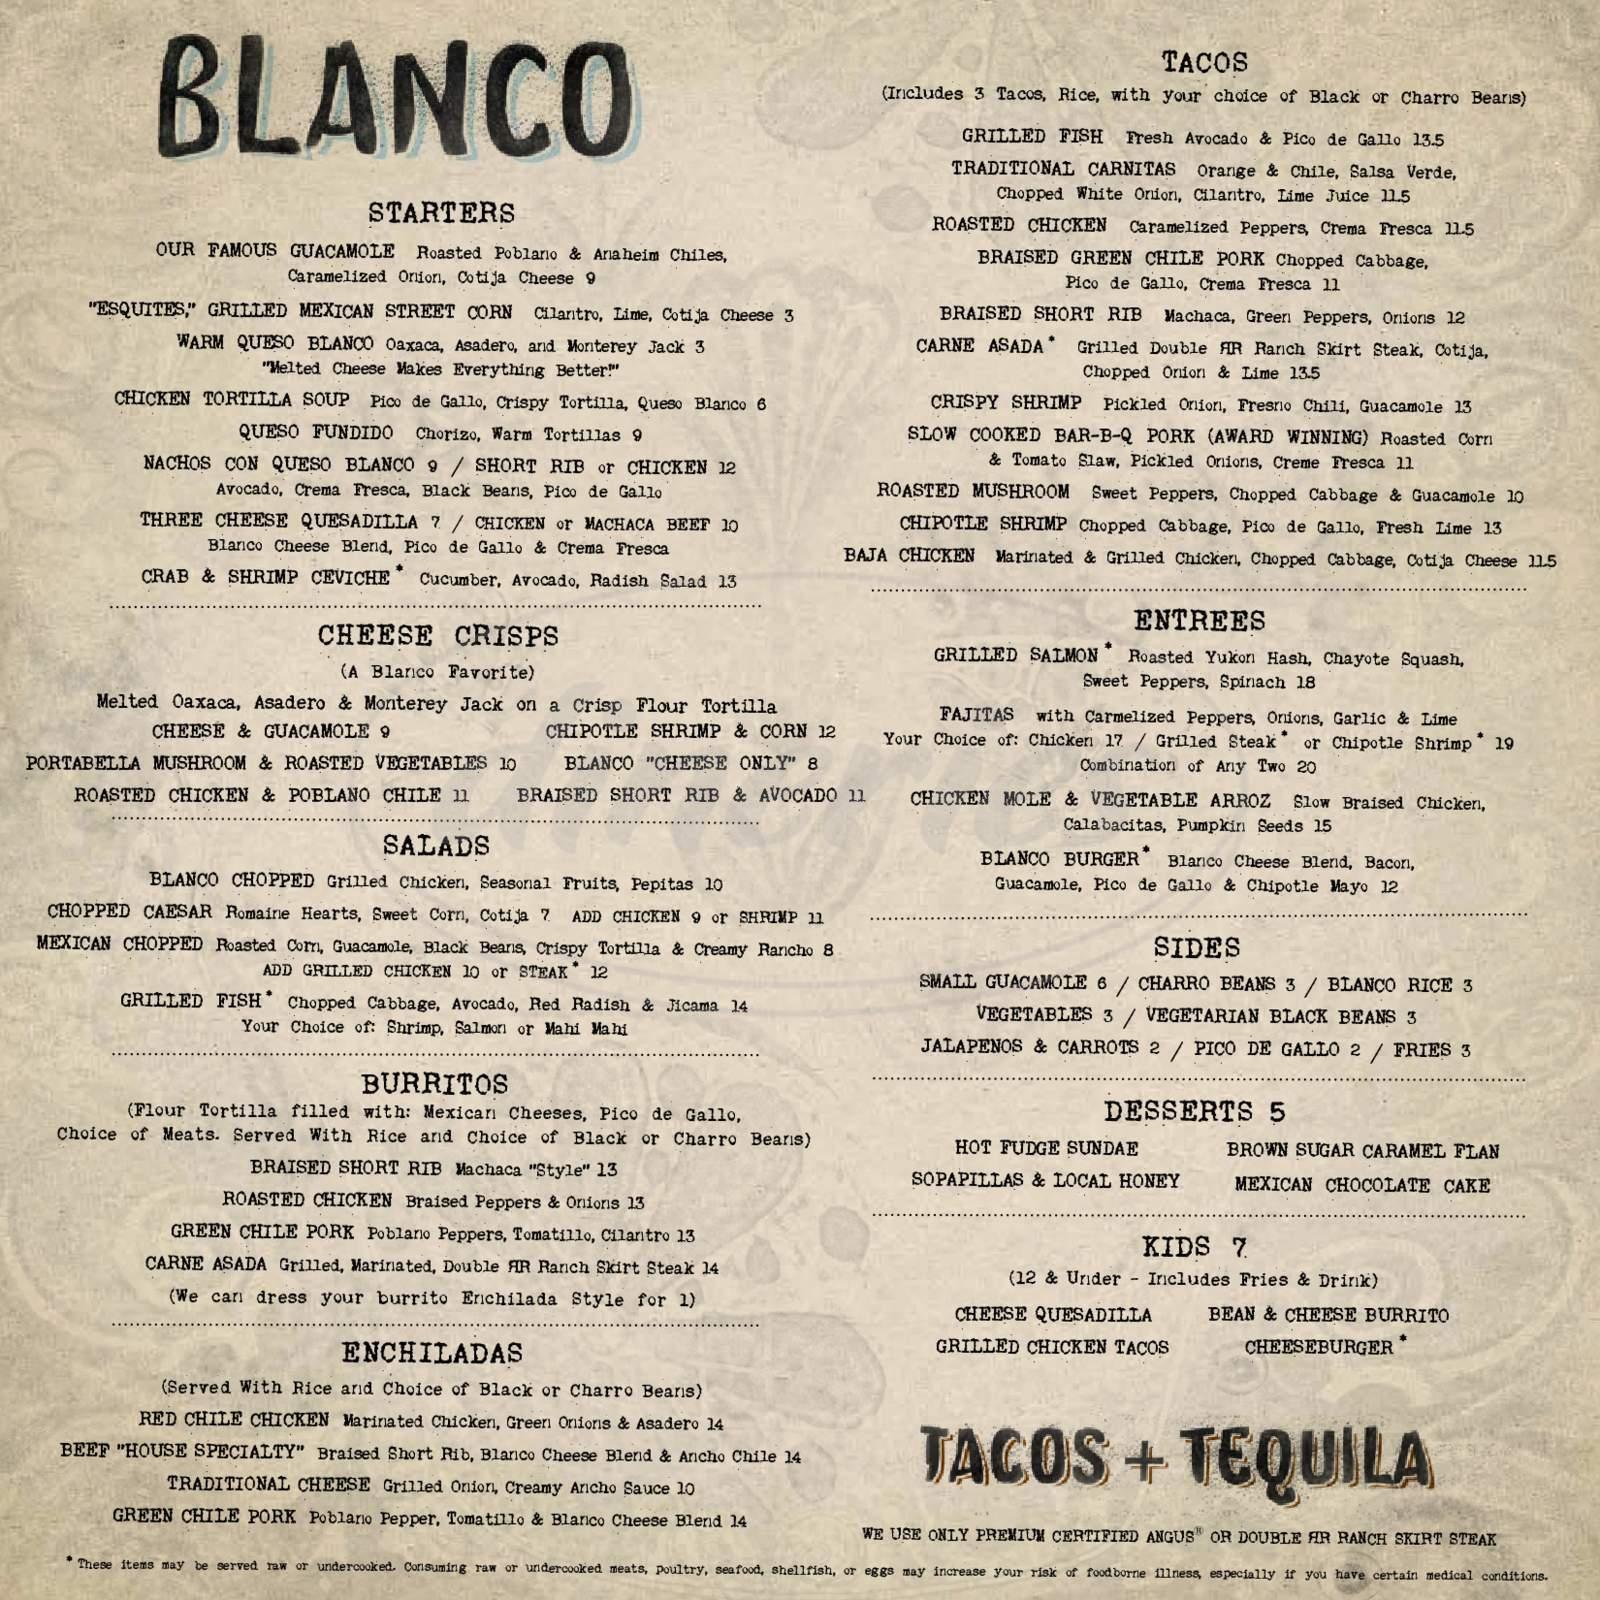 menu for Blanco